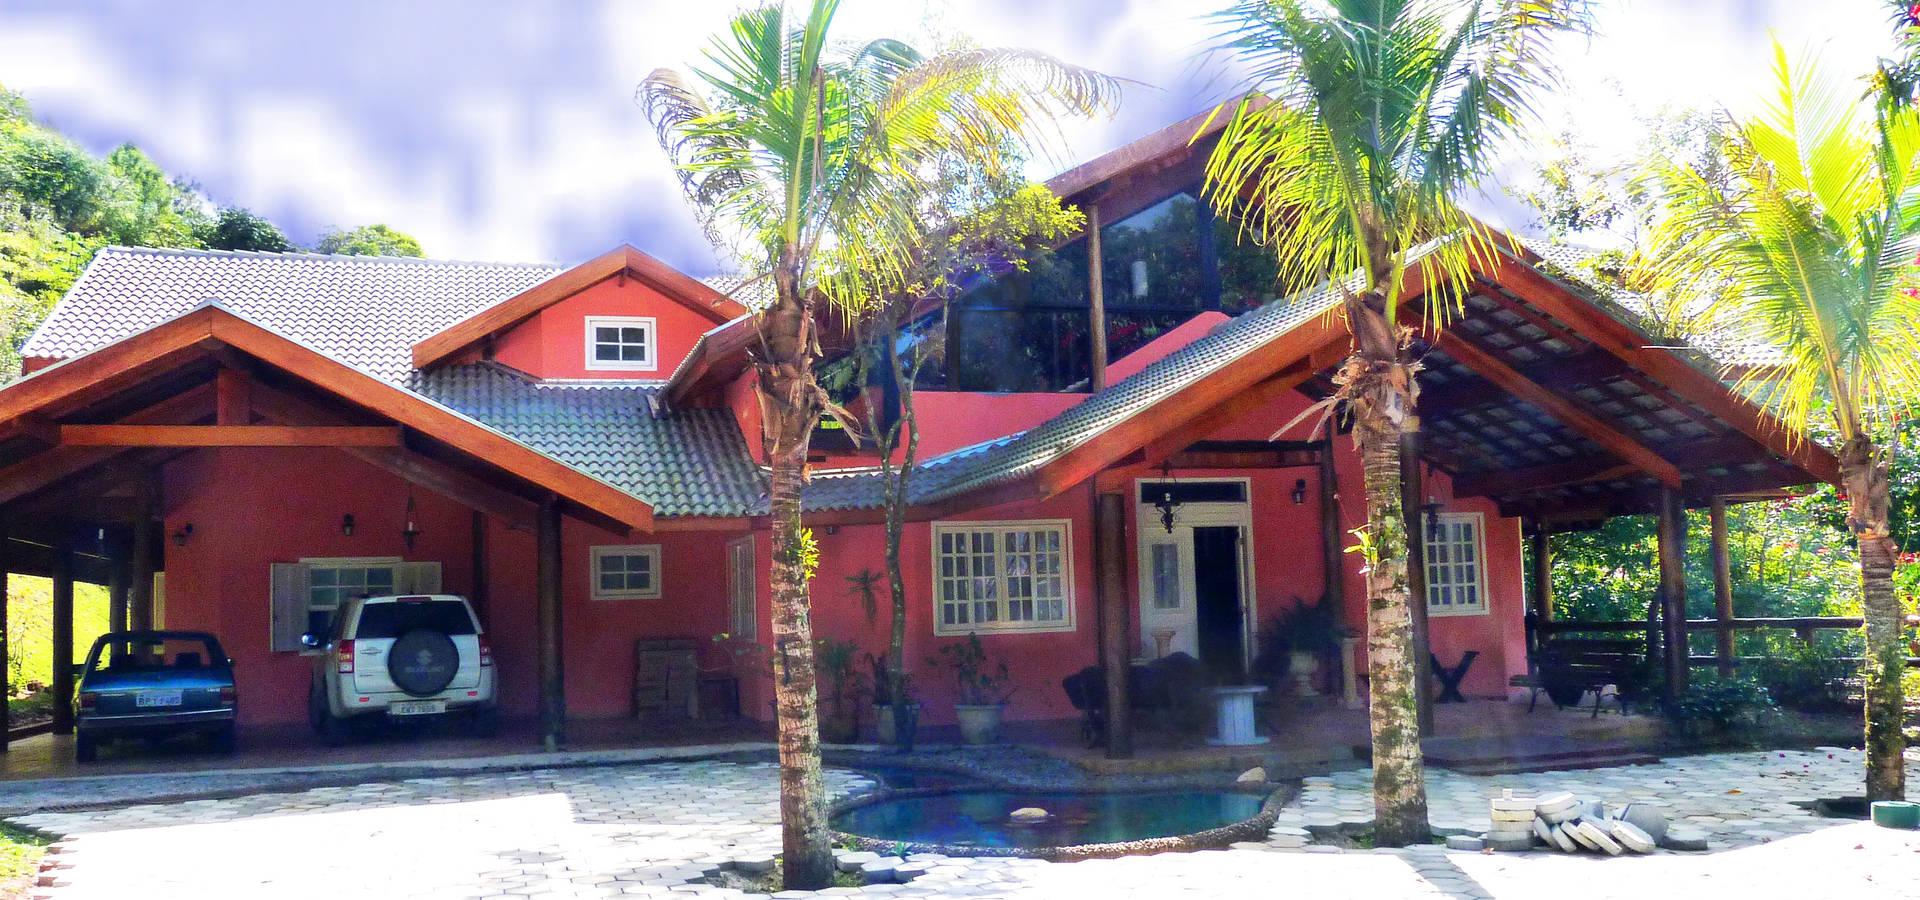 Casa de campo by elisabeth berlato arquitetura interiores - Interiores de casas ...